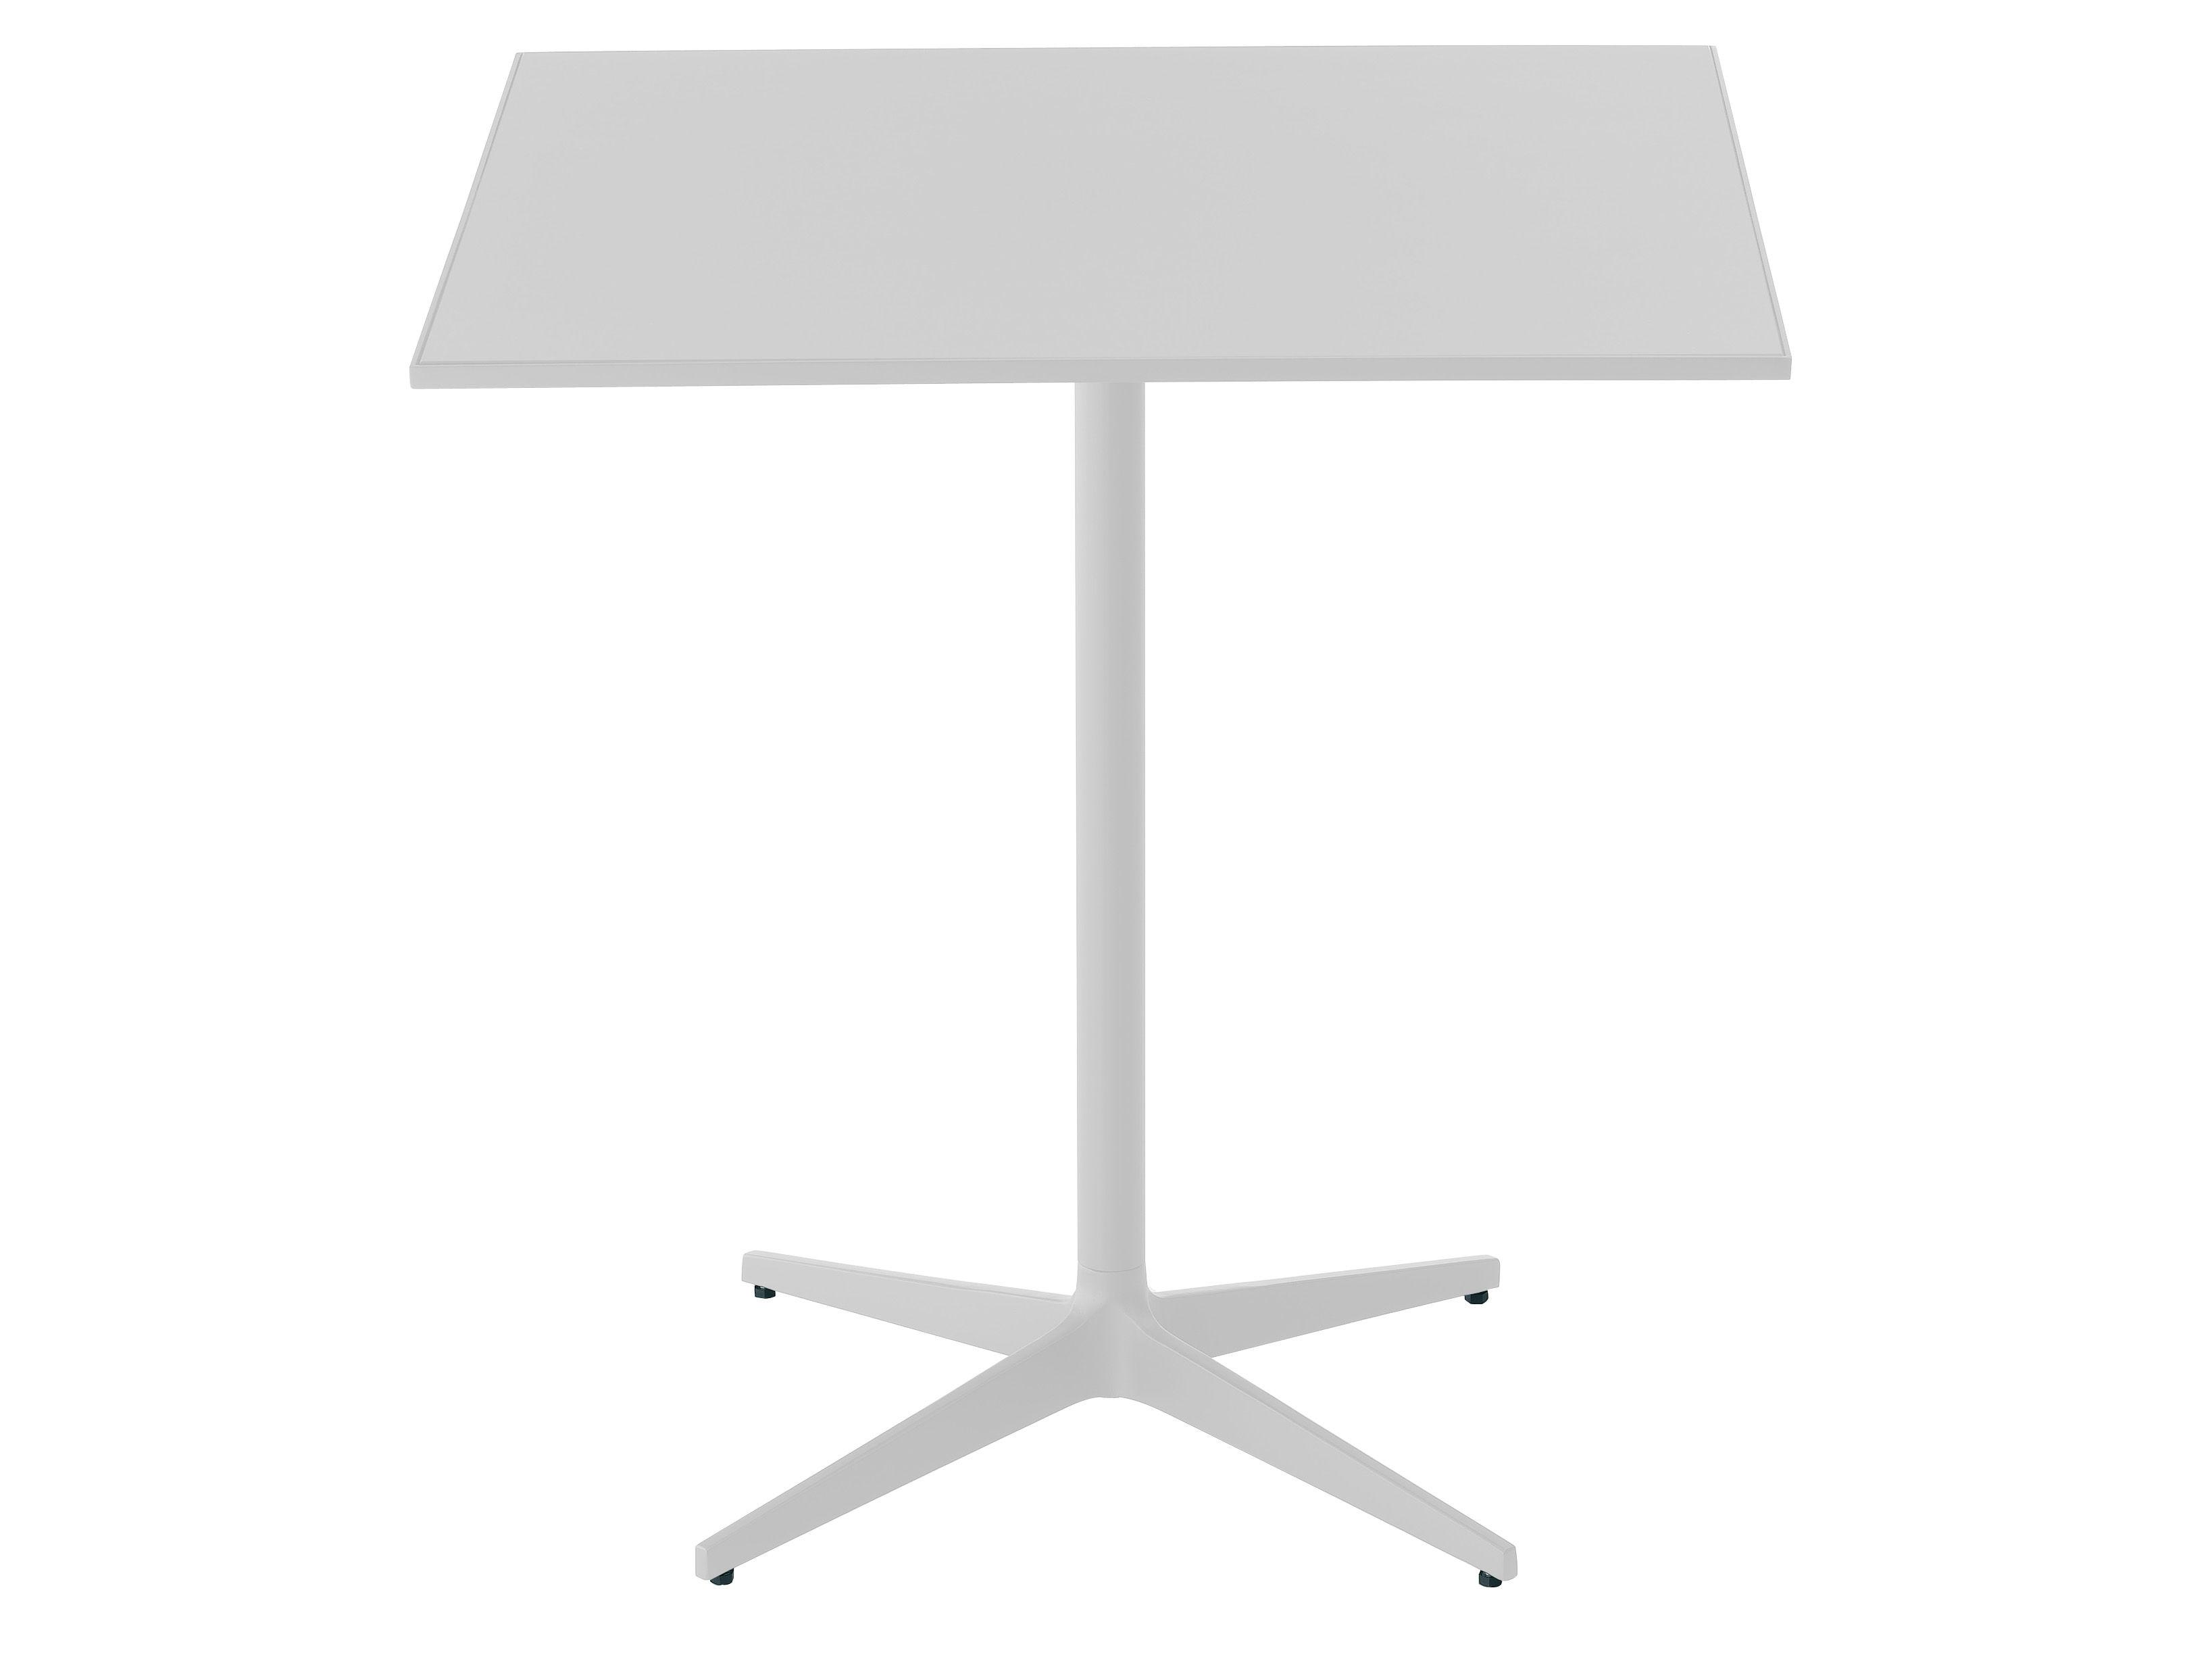 Möbel - Tische - T quadratischer Tisch - MDF Italia - Weiß - weißer Fuß - Harz, lackierter Stahl